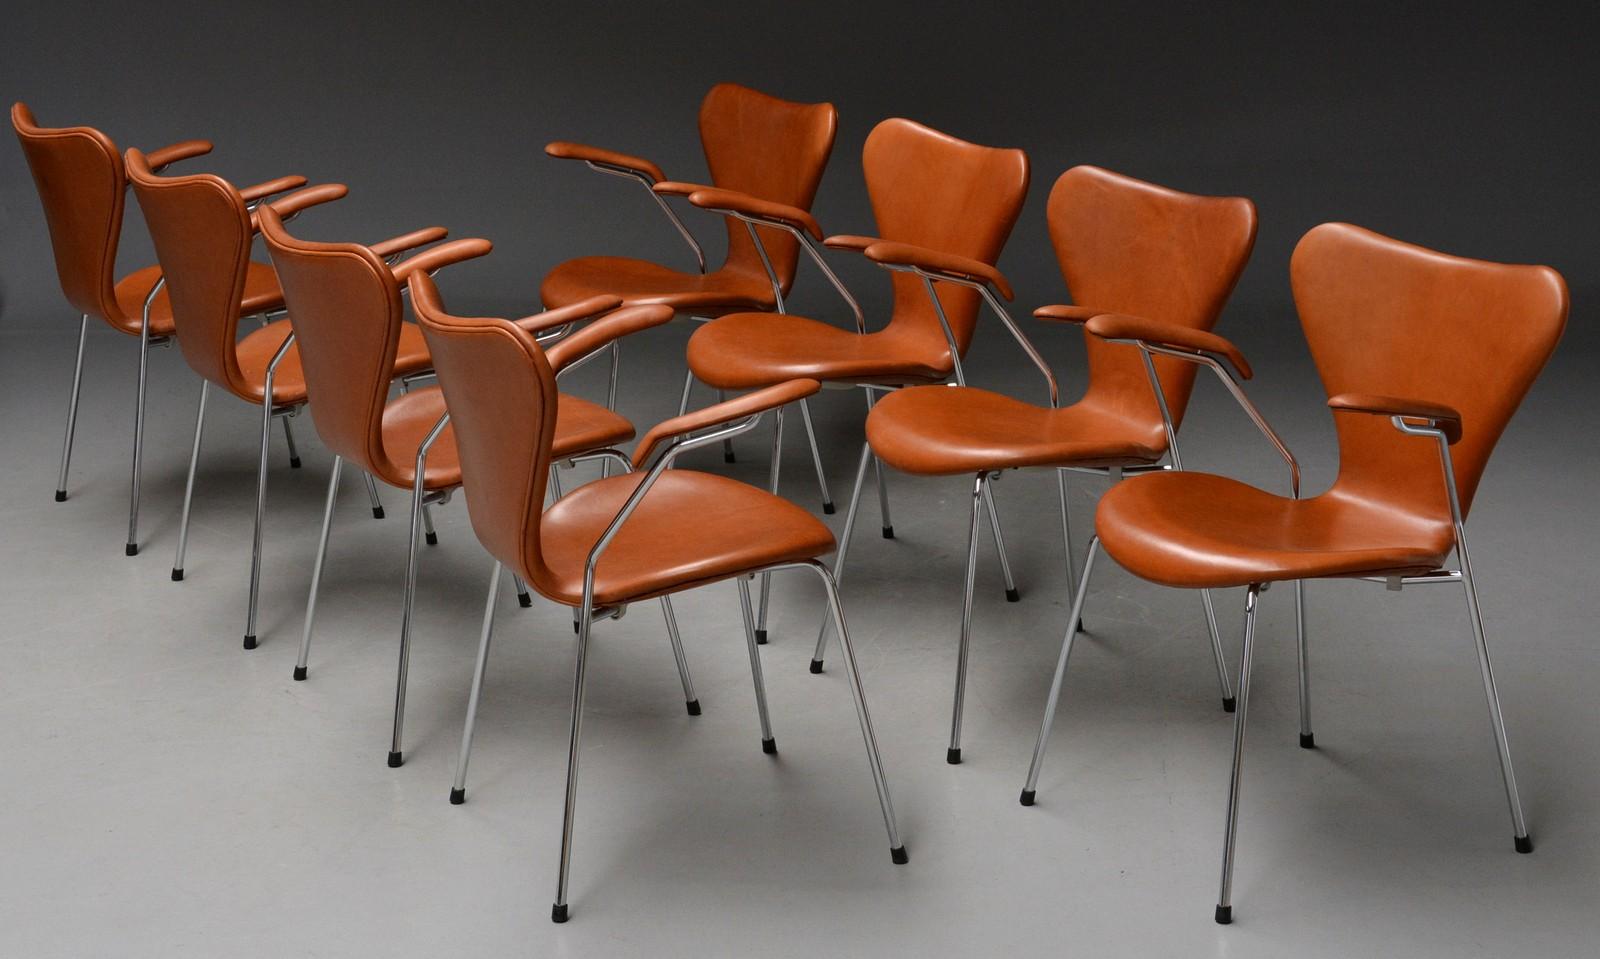 Auktionstipset Arne Jacobsen barstolar modell Sjuan 1 par